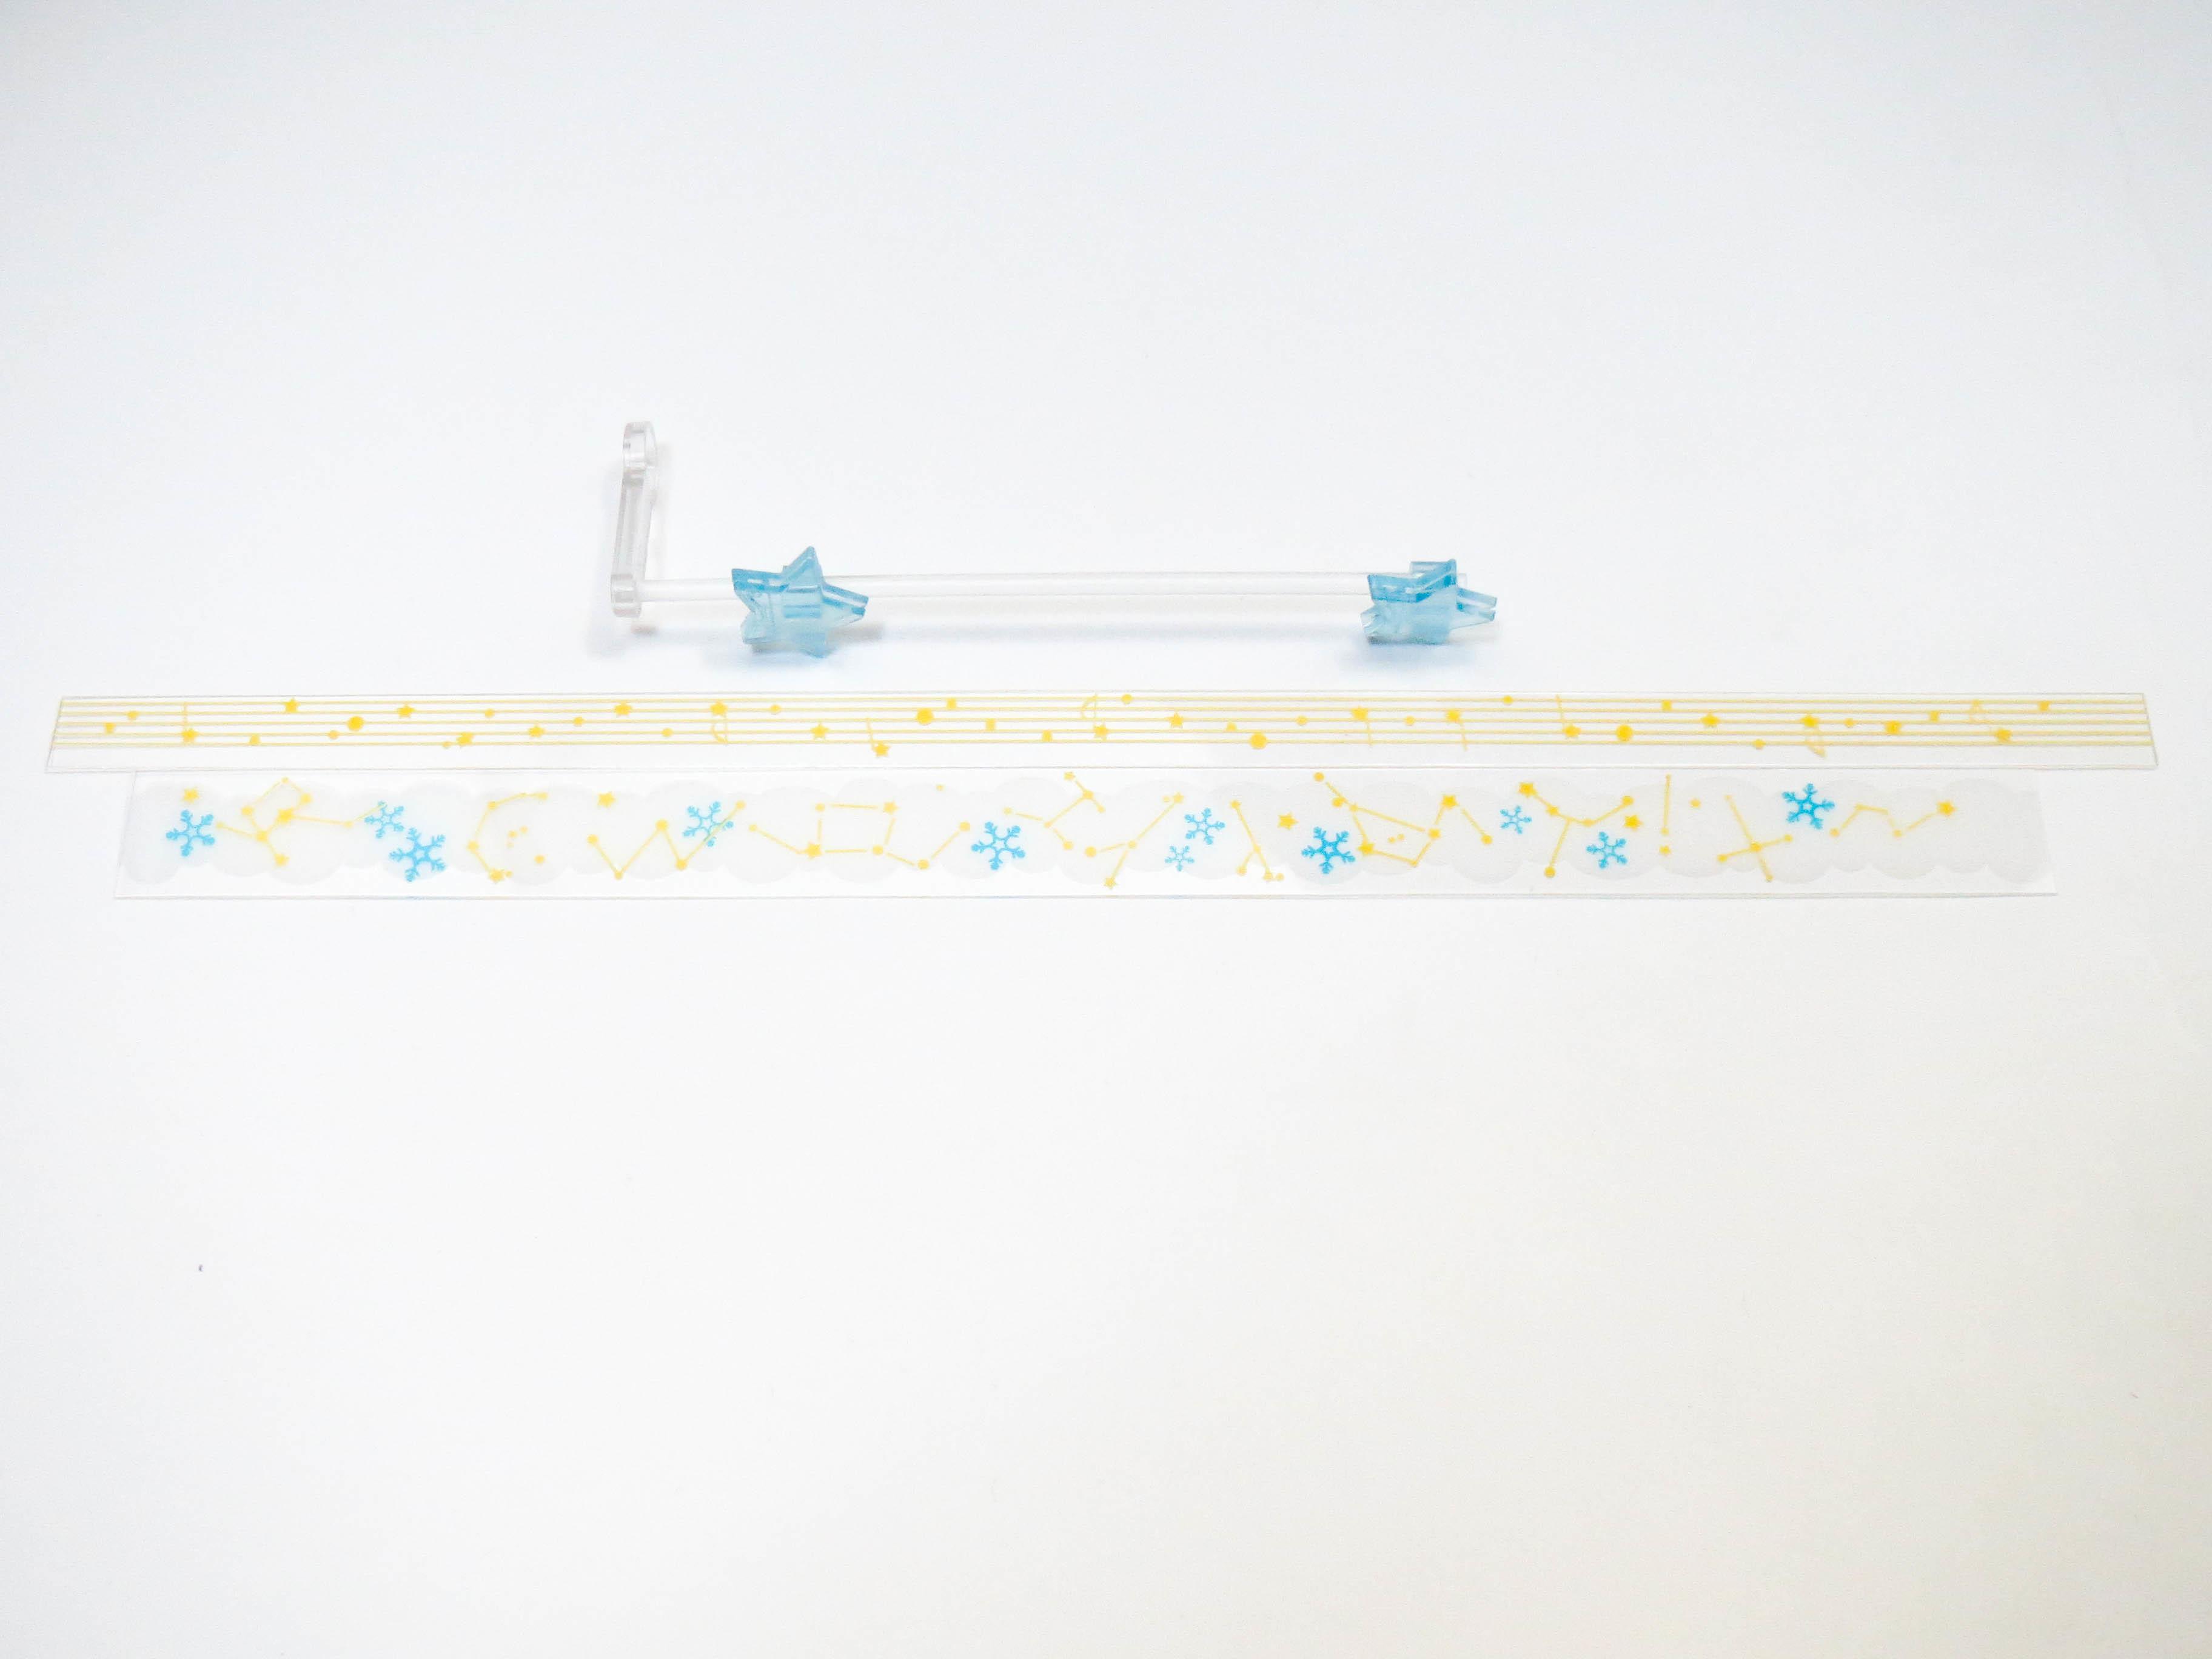 【701】 雪ミク Twinkle Snow Ver. 小物パーツ 音符と星エフェクト ねんどろいど